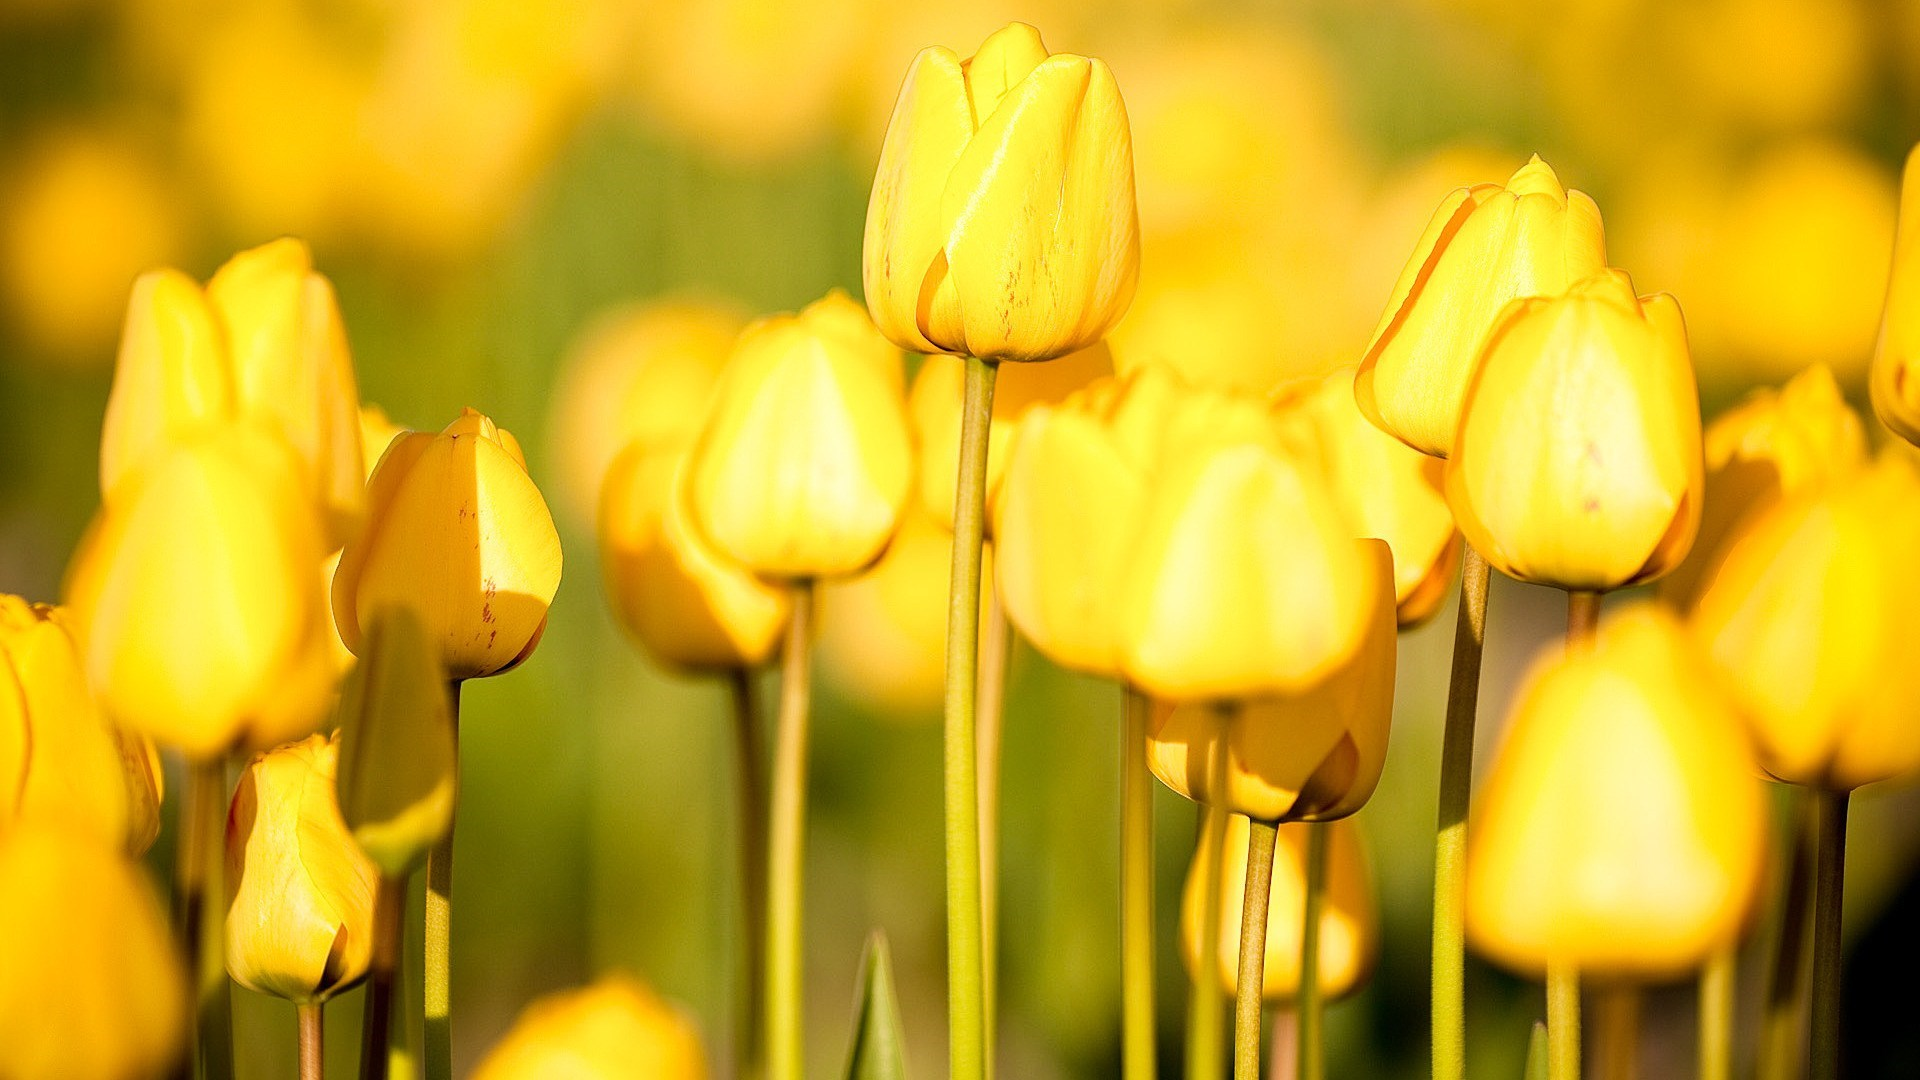 Yellow Flower Wallpaper 1920x1200 42600